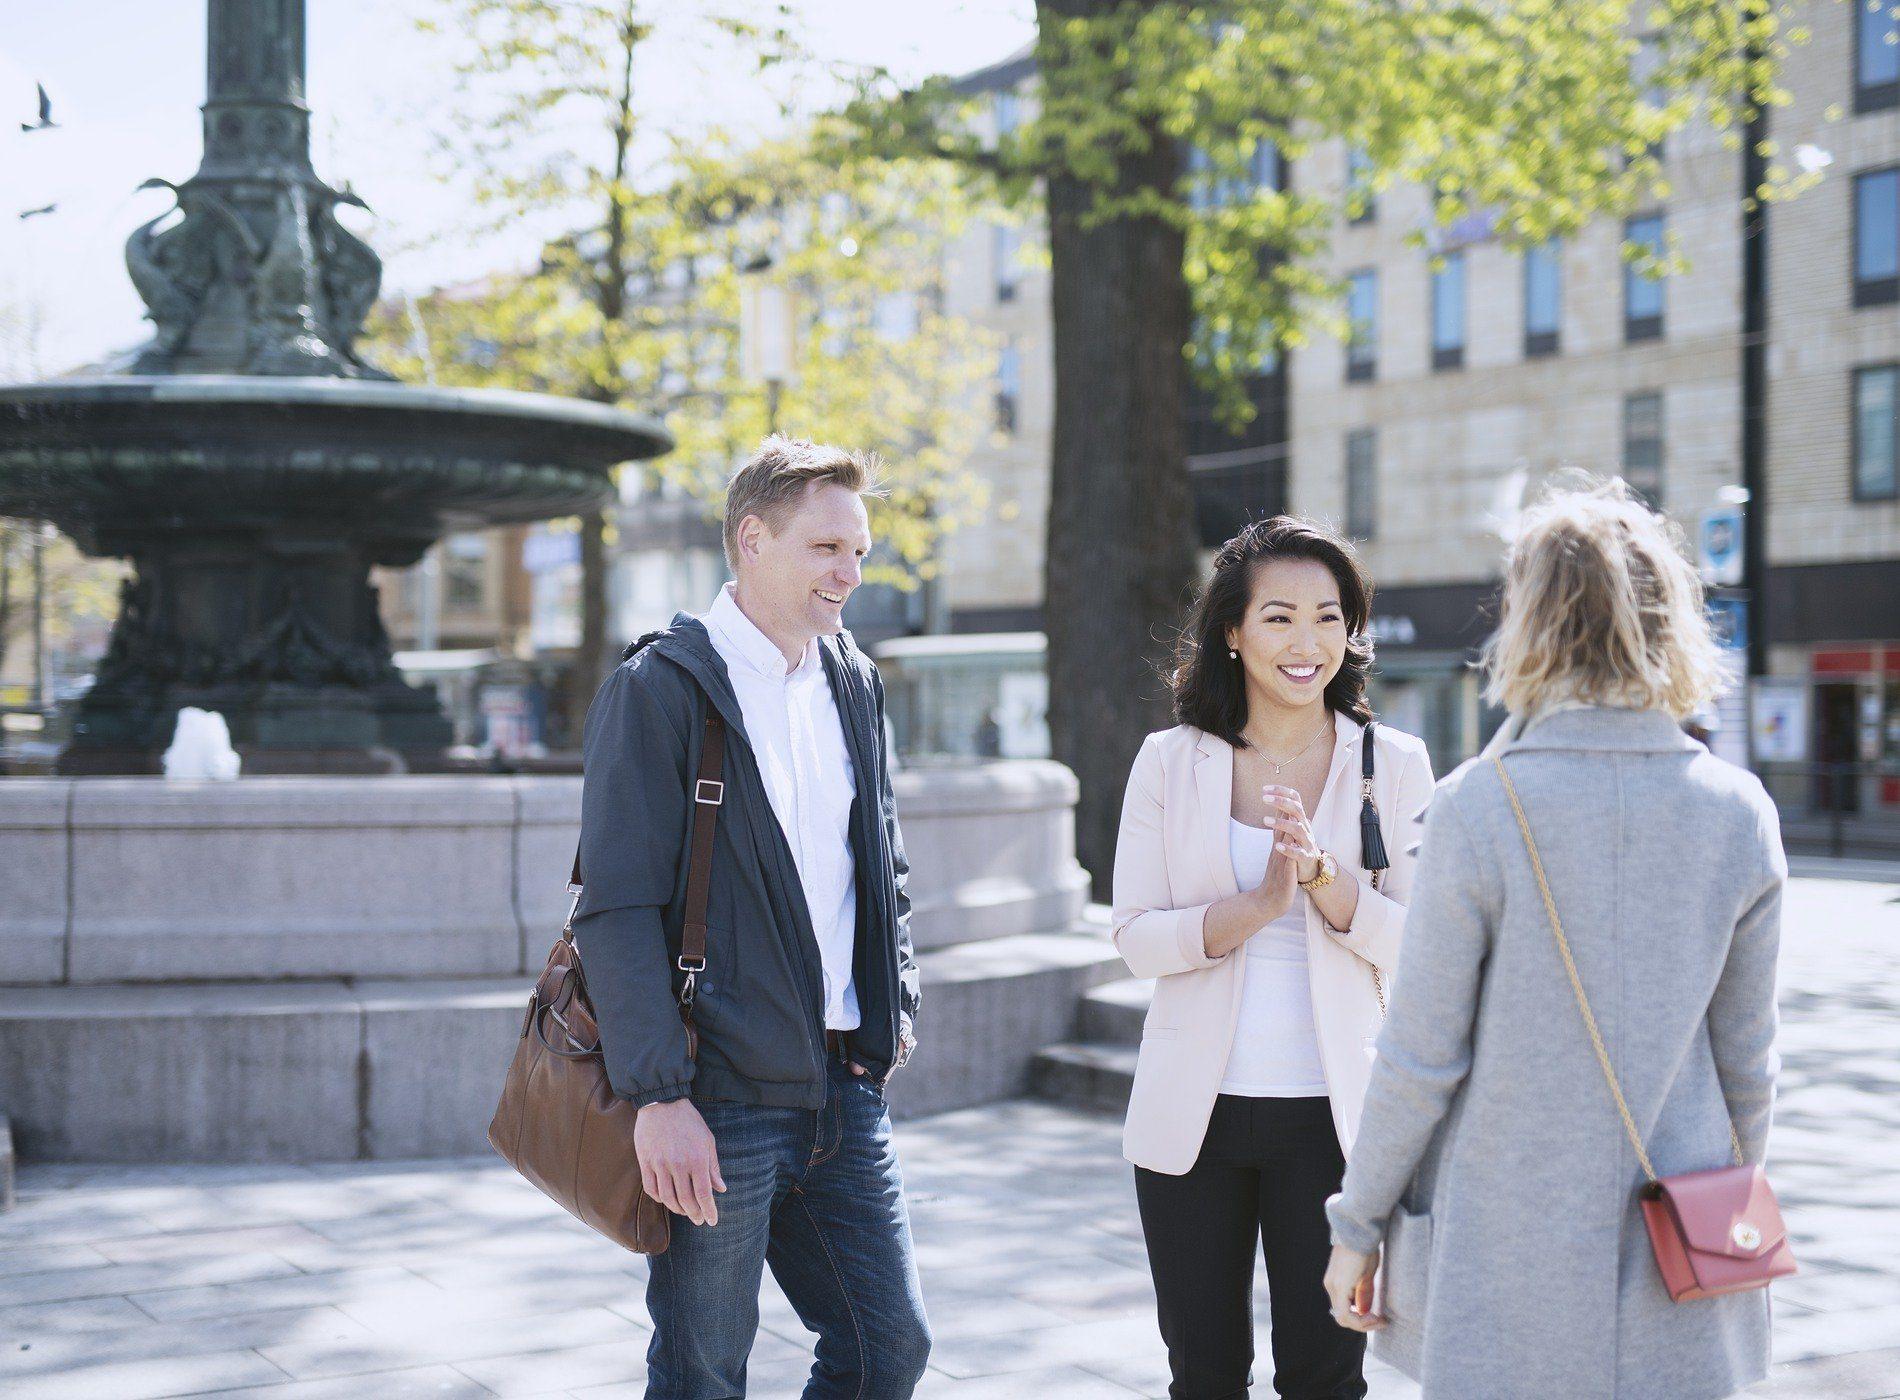 Stadsutveckling samarbete för ett attraktivare city.